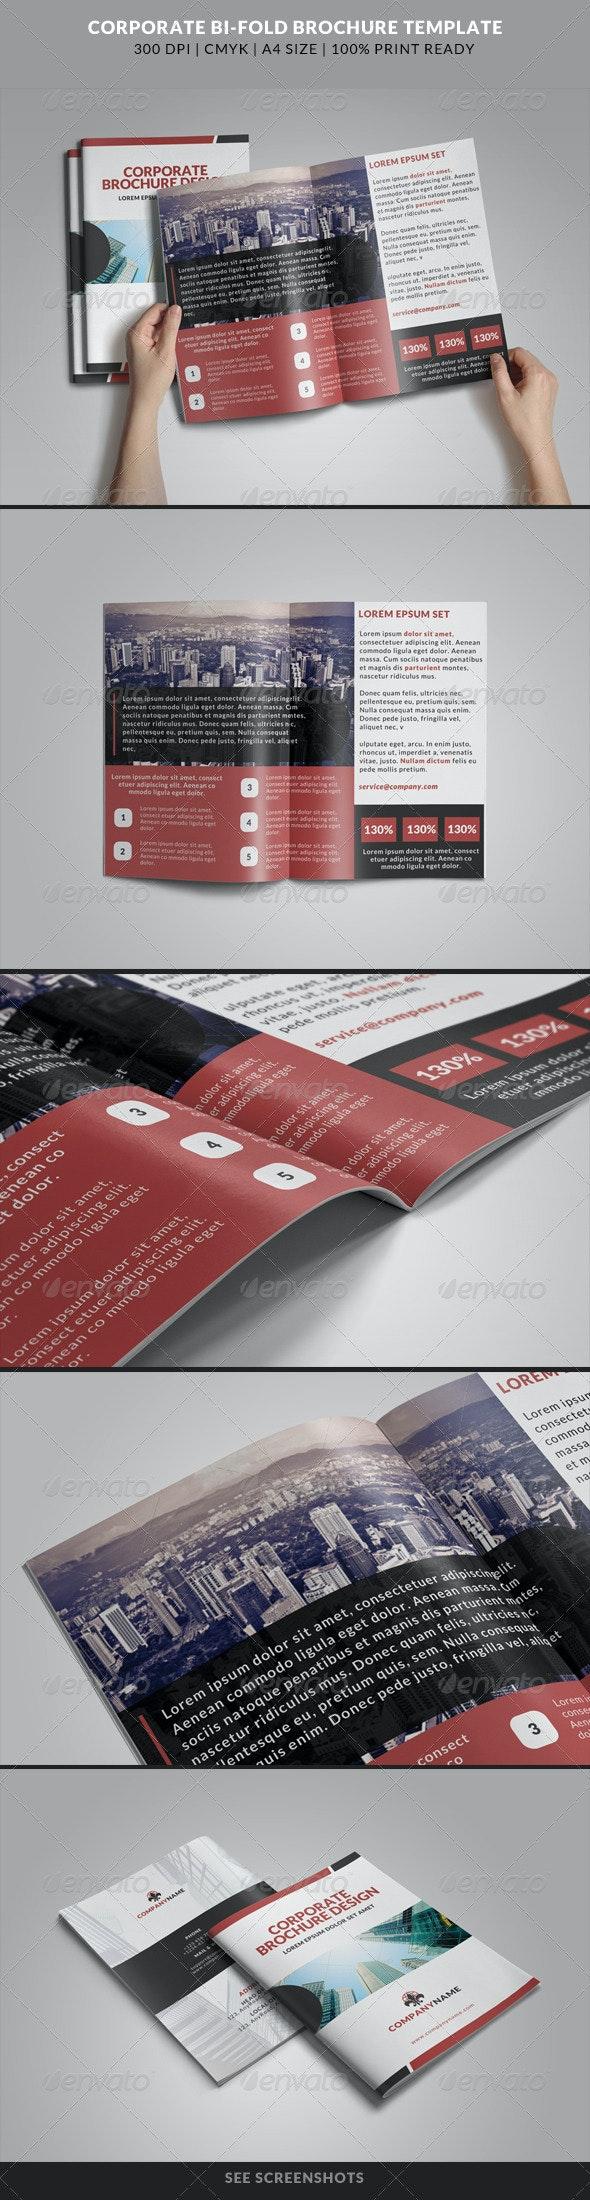 Corporate Bi-Fold Brochures Template 11 - Corporate Brochures